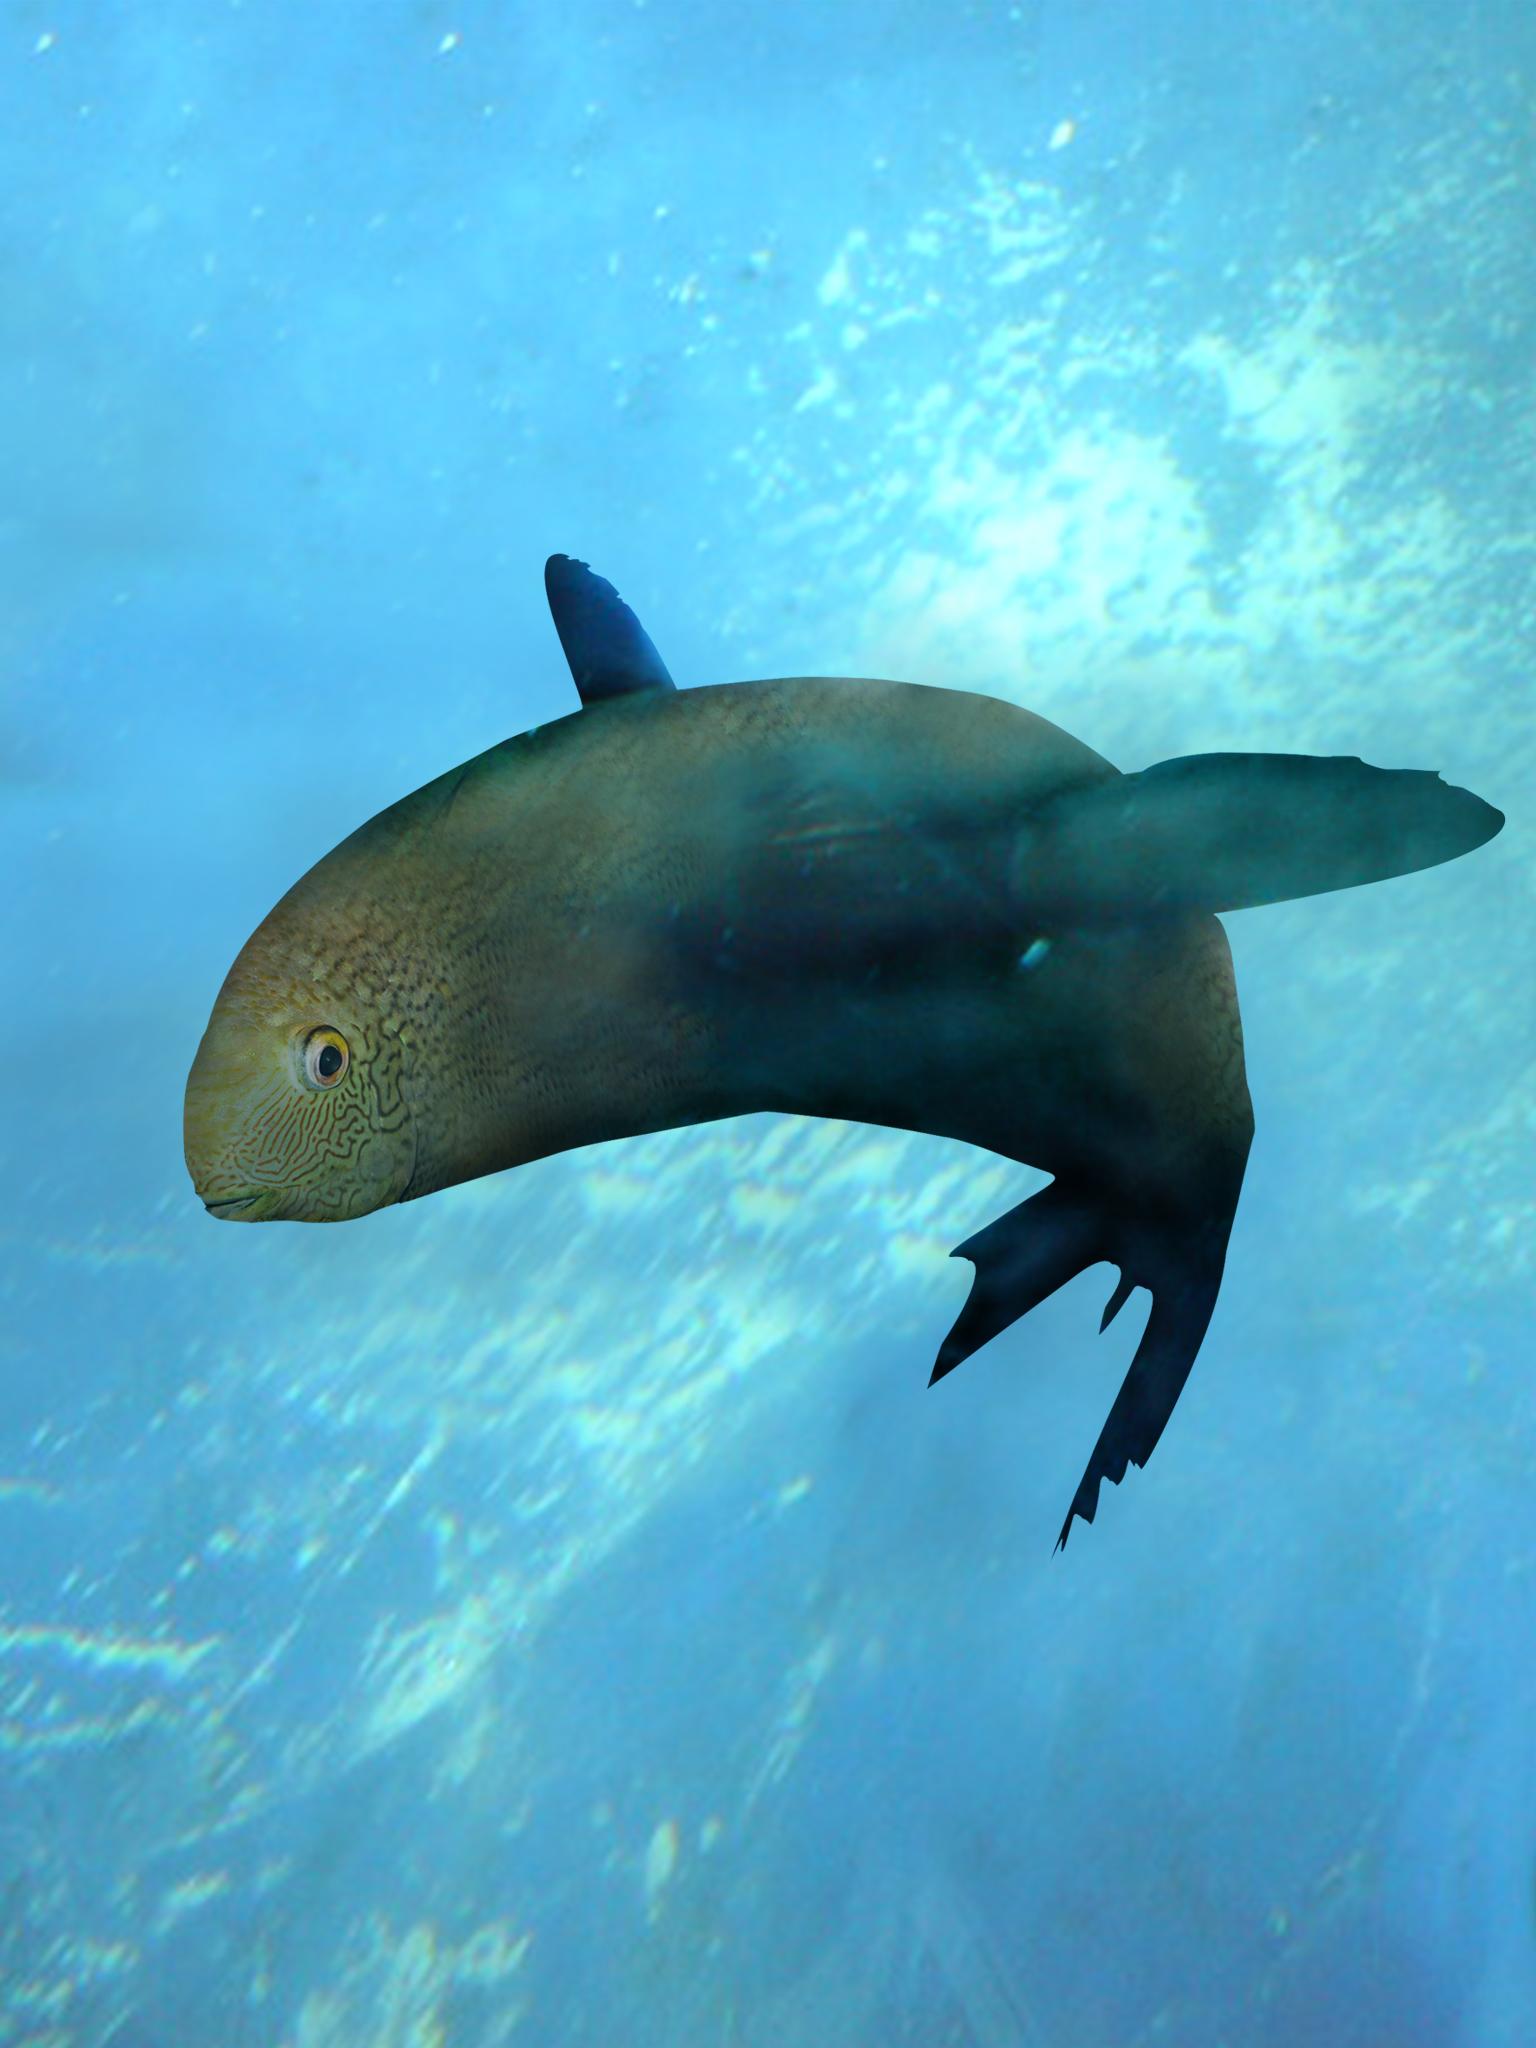 1 FishSeal in Environment